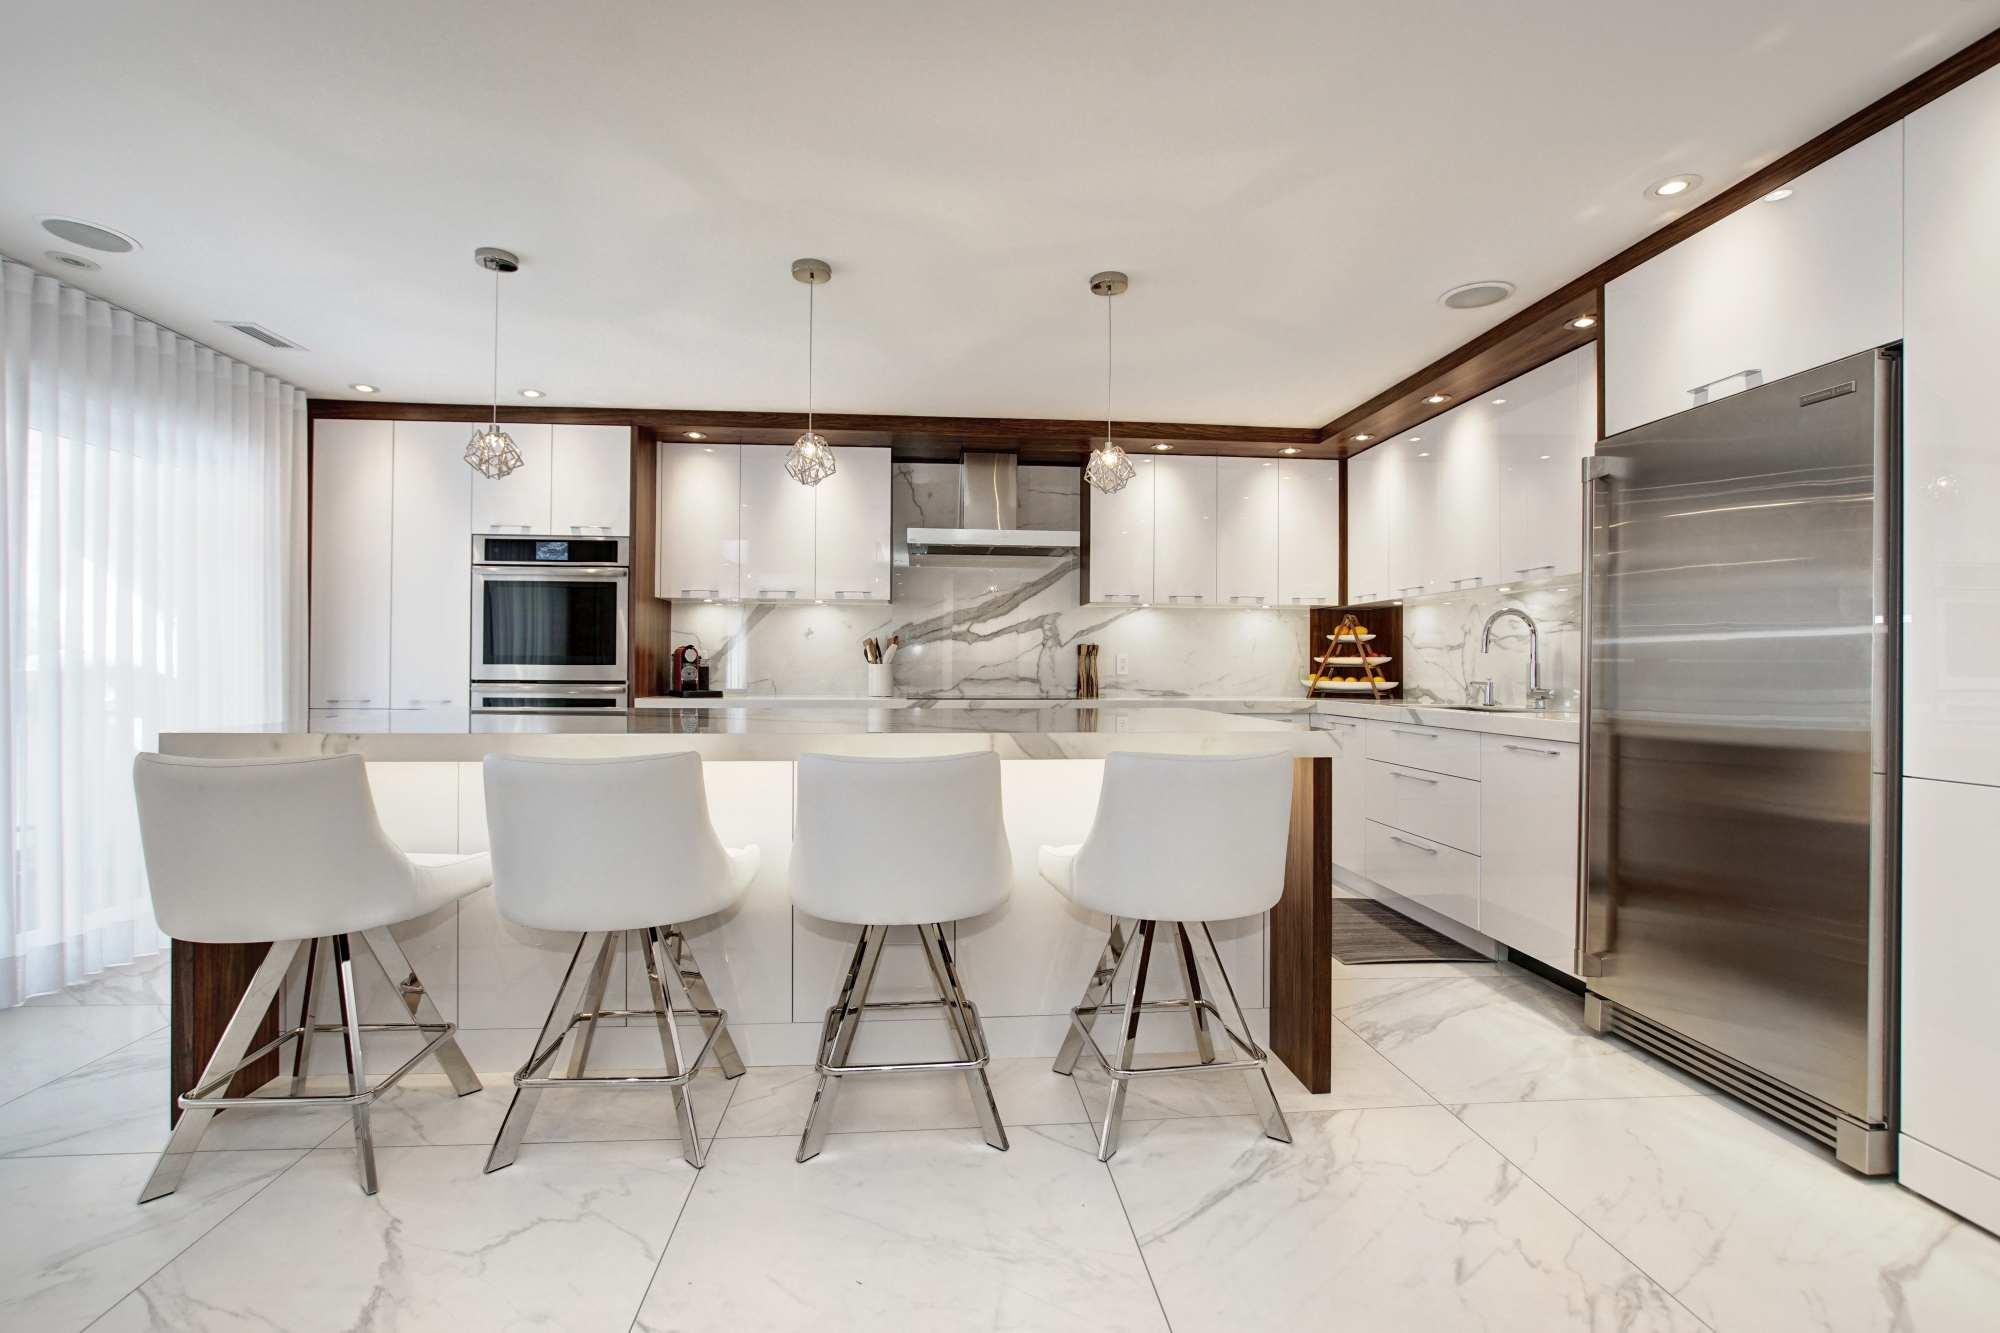 Cuisine-blanche-10-cuisine-contemporaine-blanche-armoire-cuisine-acrylique-lustree.jpg